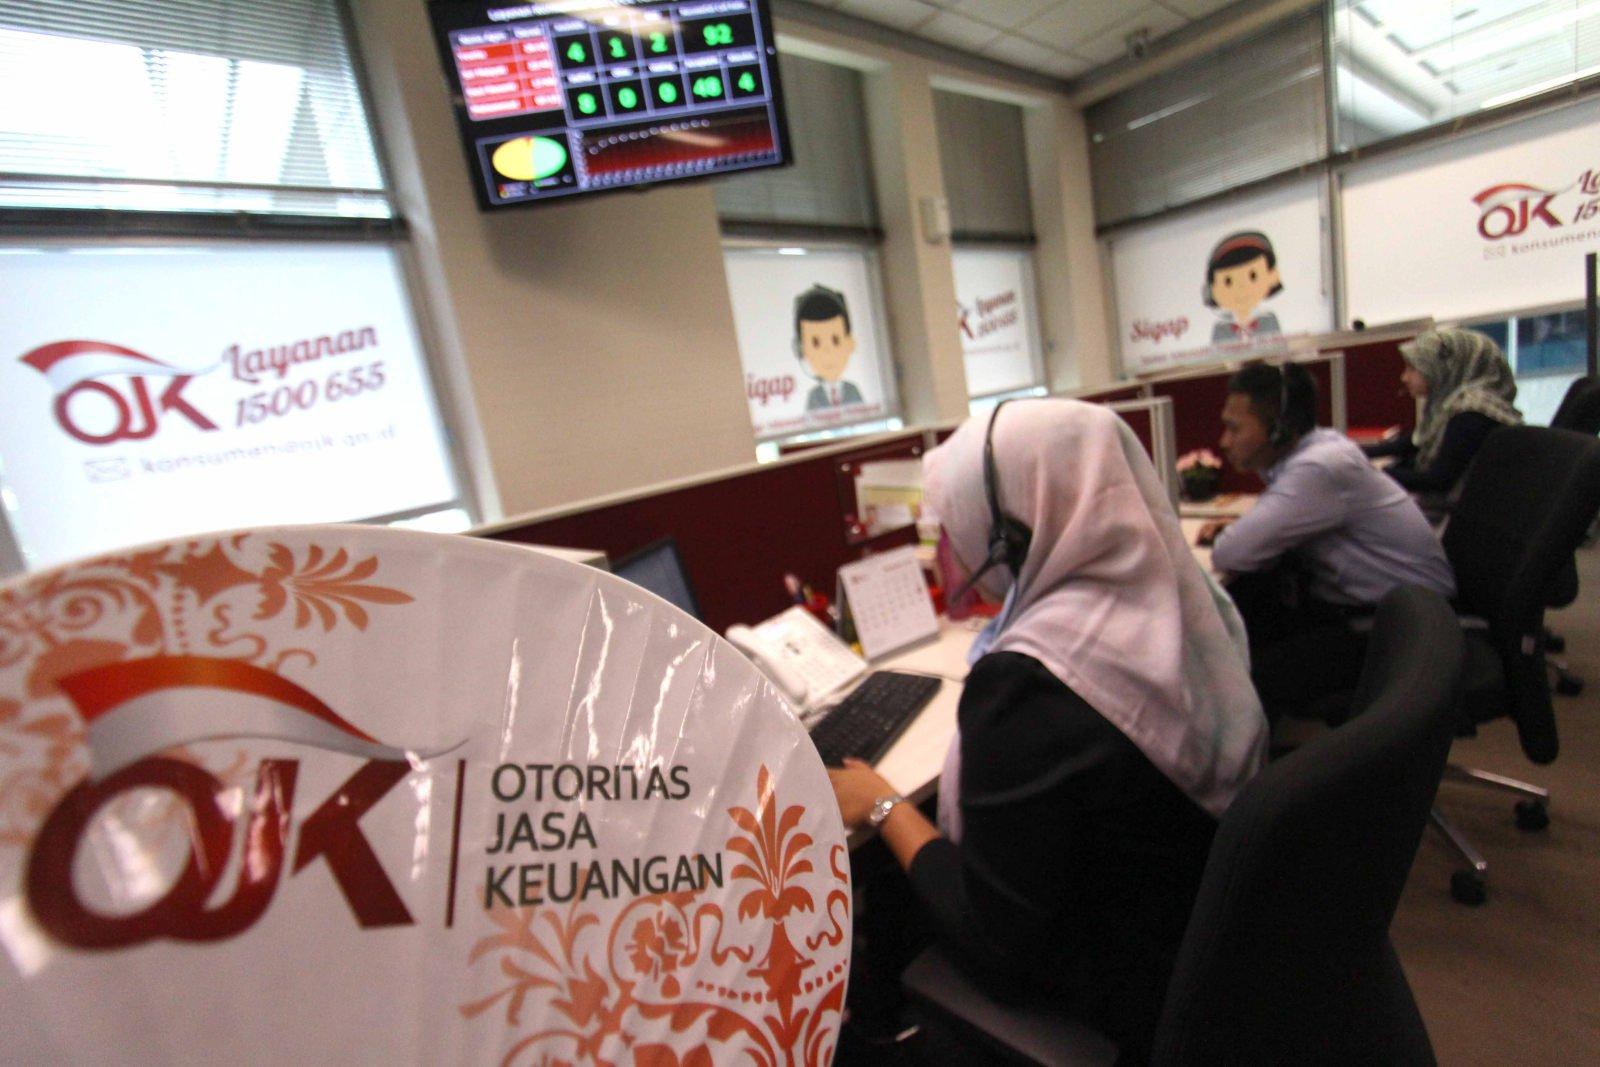 Maraknya Investasi Ilegal Di Indonesia Halaman All Kompasiana Com